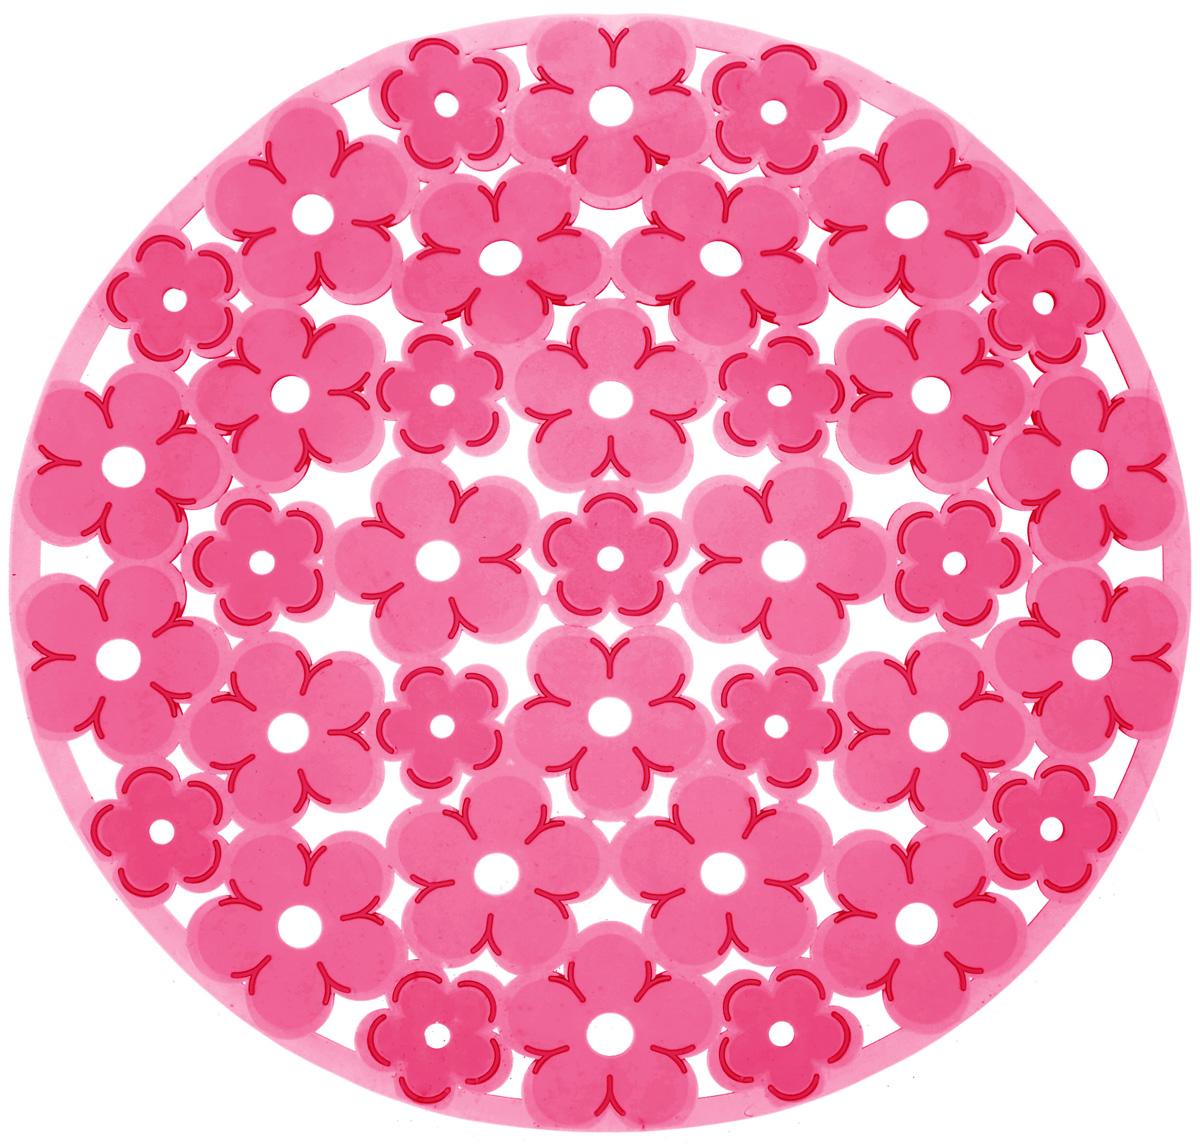 Коврик для раковины Metaltex, цвет: красный, диаметр 30 см10503Стильный и удобный коврик для раковины Metaltex выполнен из ПВХ. Он одновременно выполняет несколько функций: украшает, предотвращает появление на раковине царапин и сколов, защищает посуду от повреждений при падении в раковину, удерживает мусор, попадание которого в слив приводит к засорам. Изделие также обладает противоскользящим эффектом и может использоваться в качестве подставки для сушки чистой посуды. Легко очищается от грязи и жира.Диаметр: 30 см.